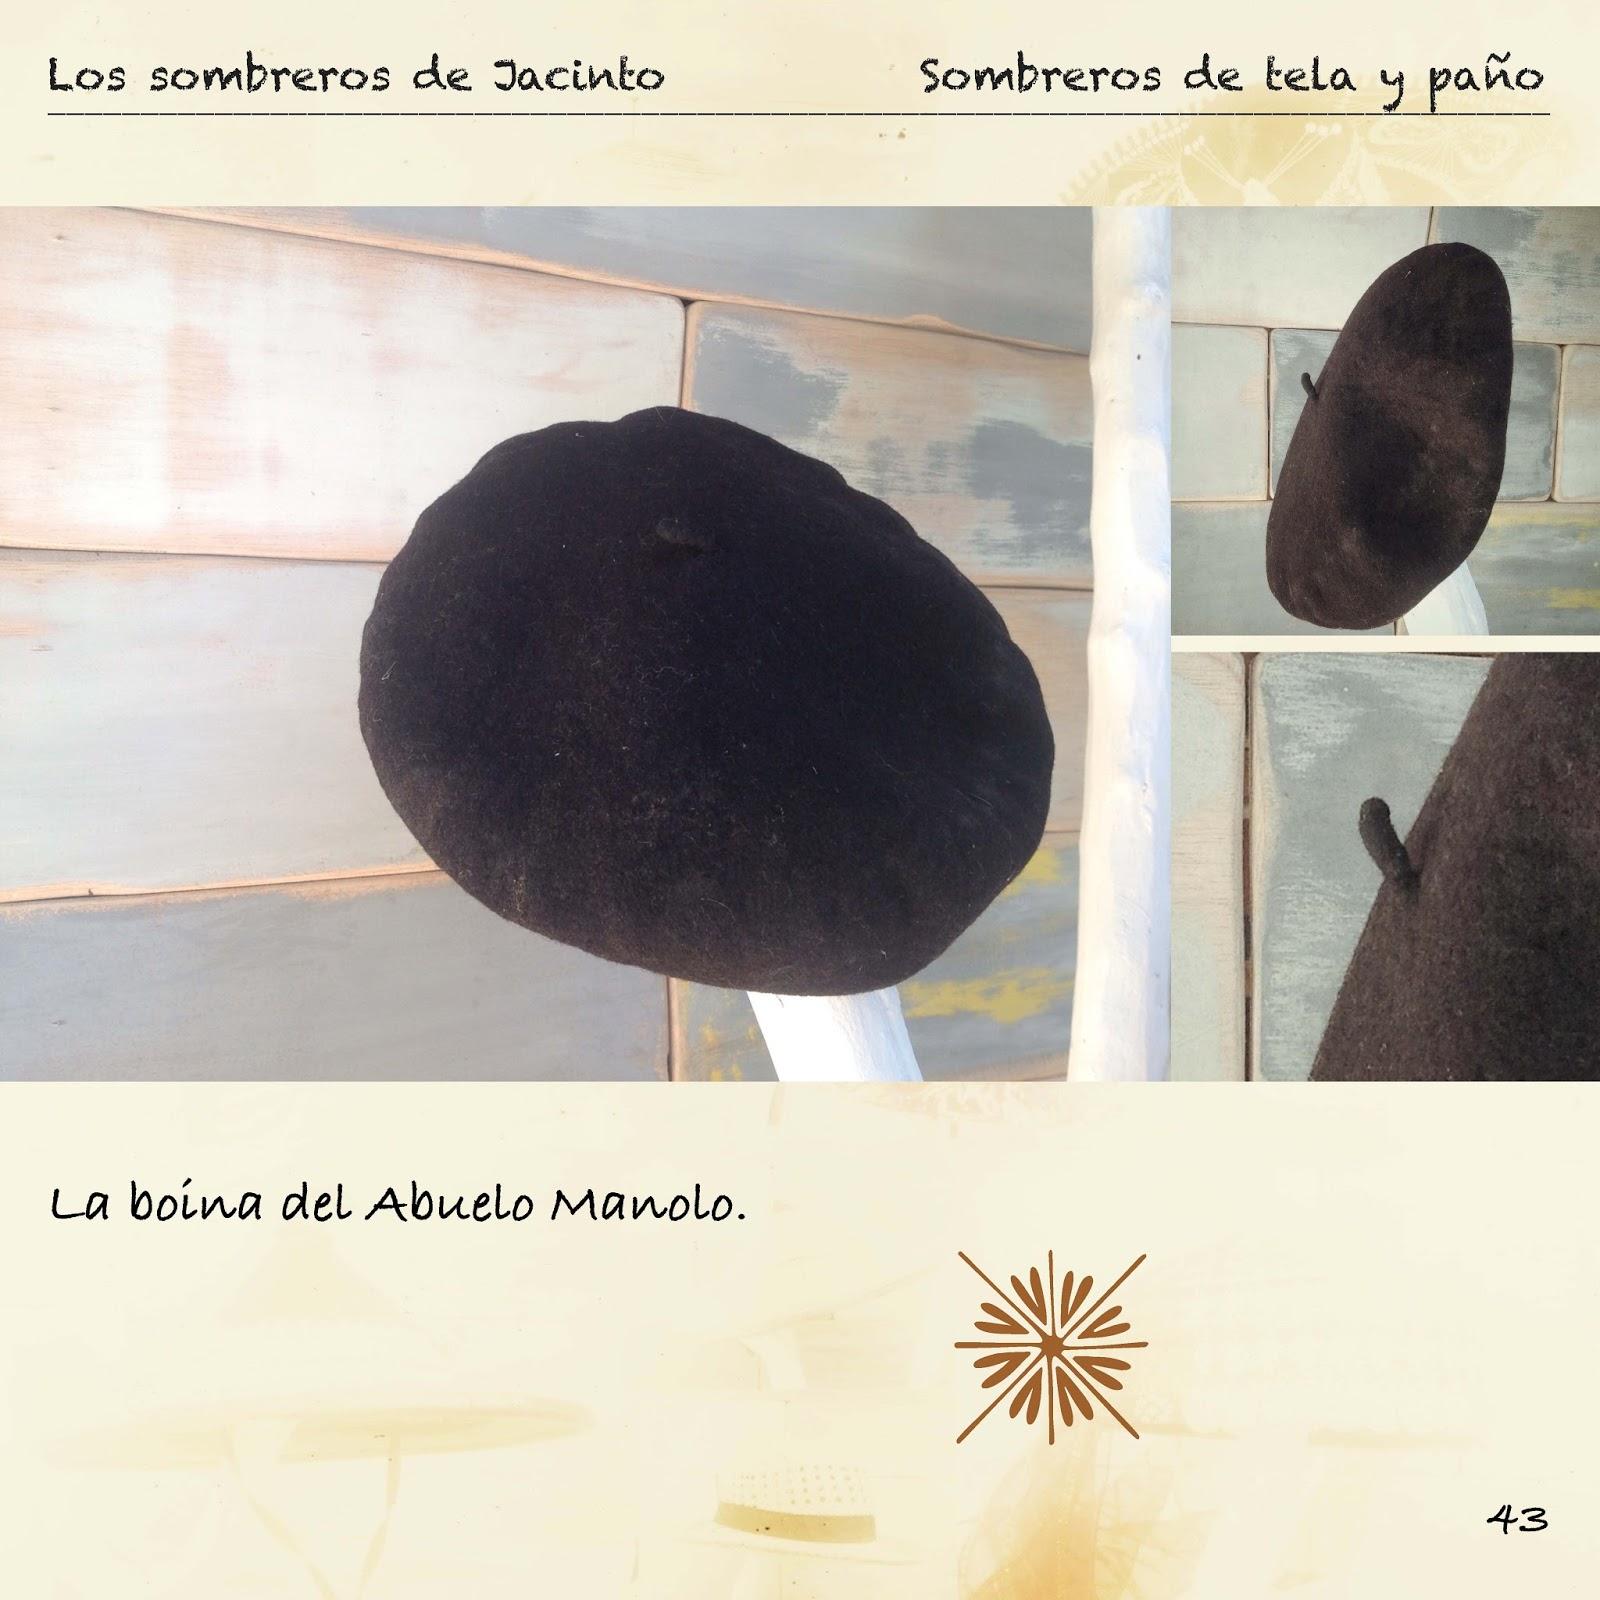 ... en las que presentamos la boina del Abuelo Manolo y un sombreo de  verano del tío Jacinto  Sin más os dejamos que disfrutéis con el resto del  libro. 98351ccd574